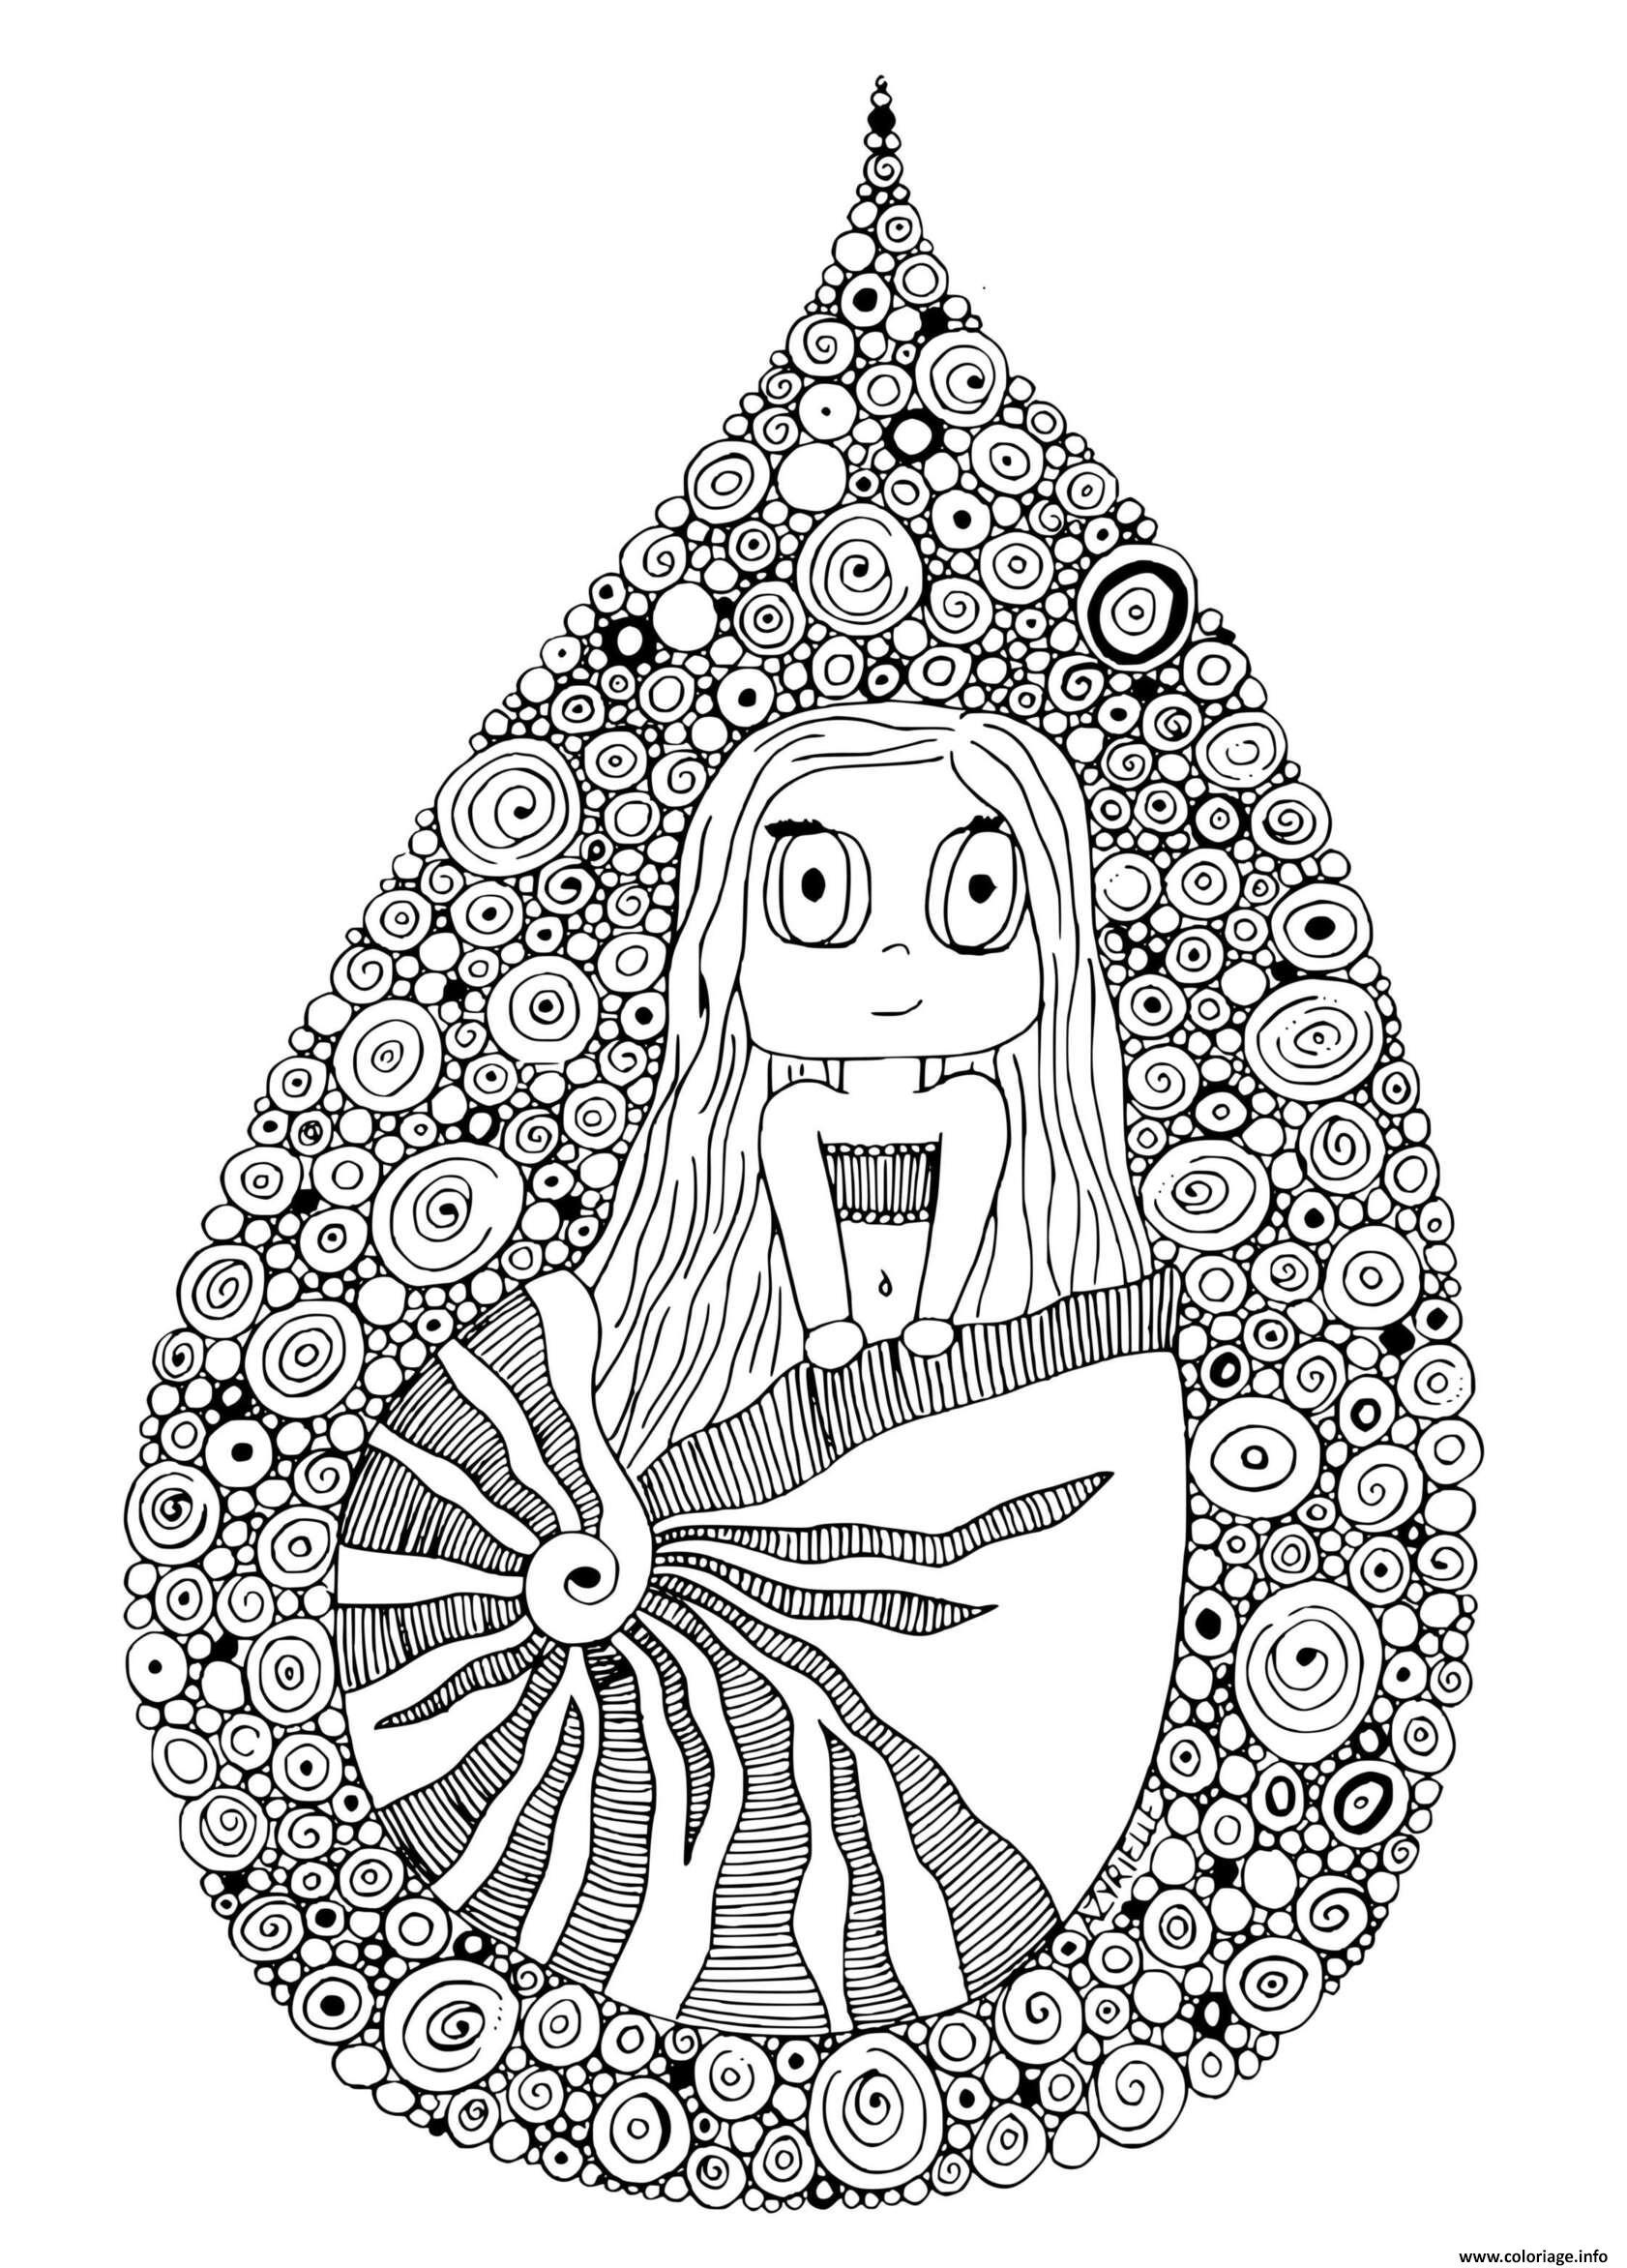 Dessin sirene dans un coquillage par azyrielle Coloriage Gratuit à Imprimer